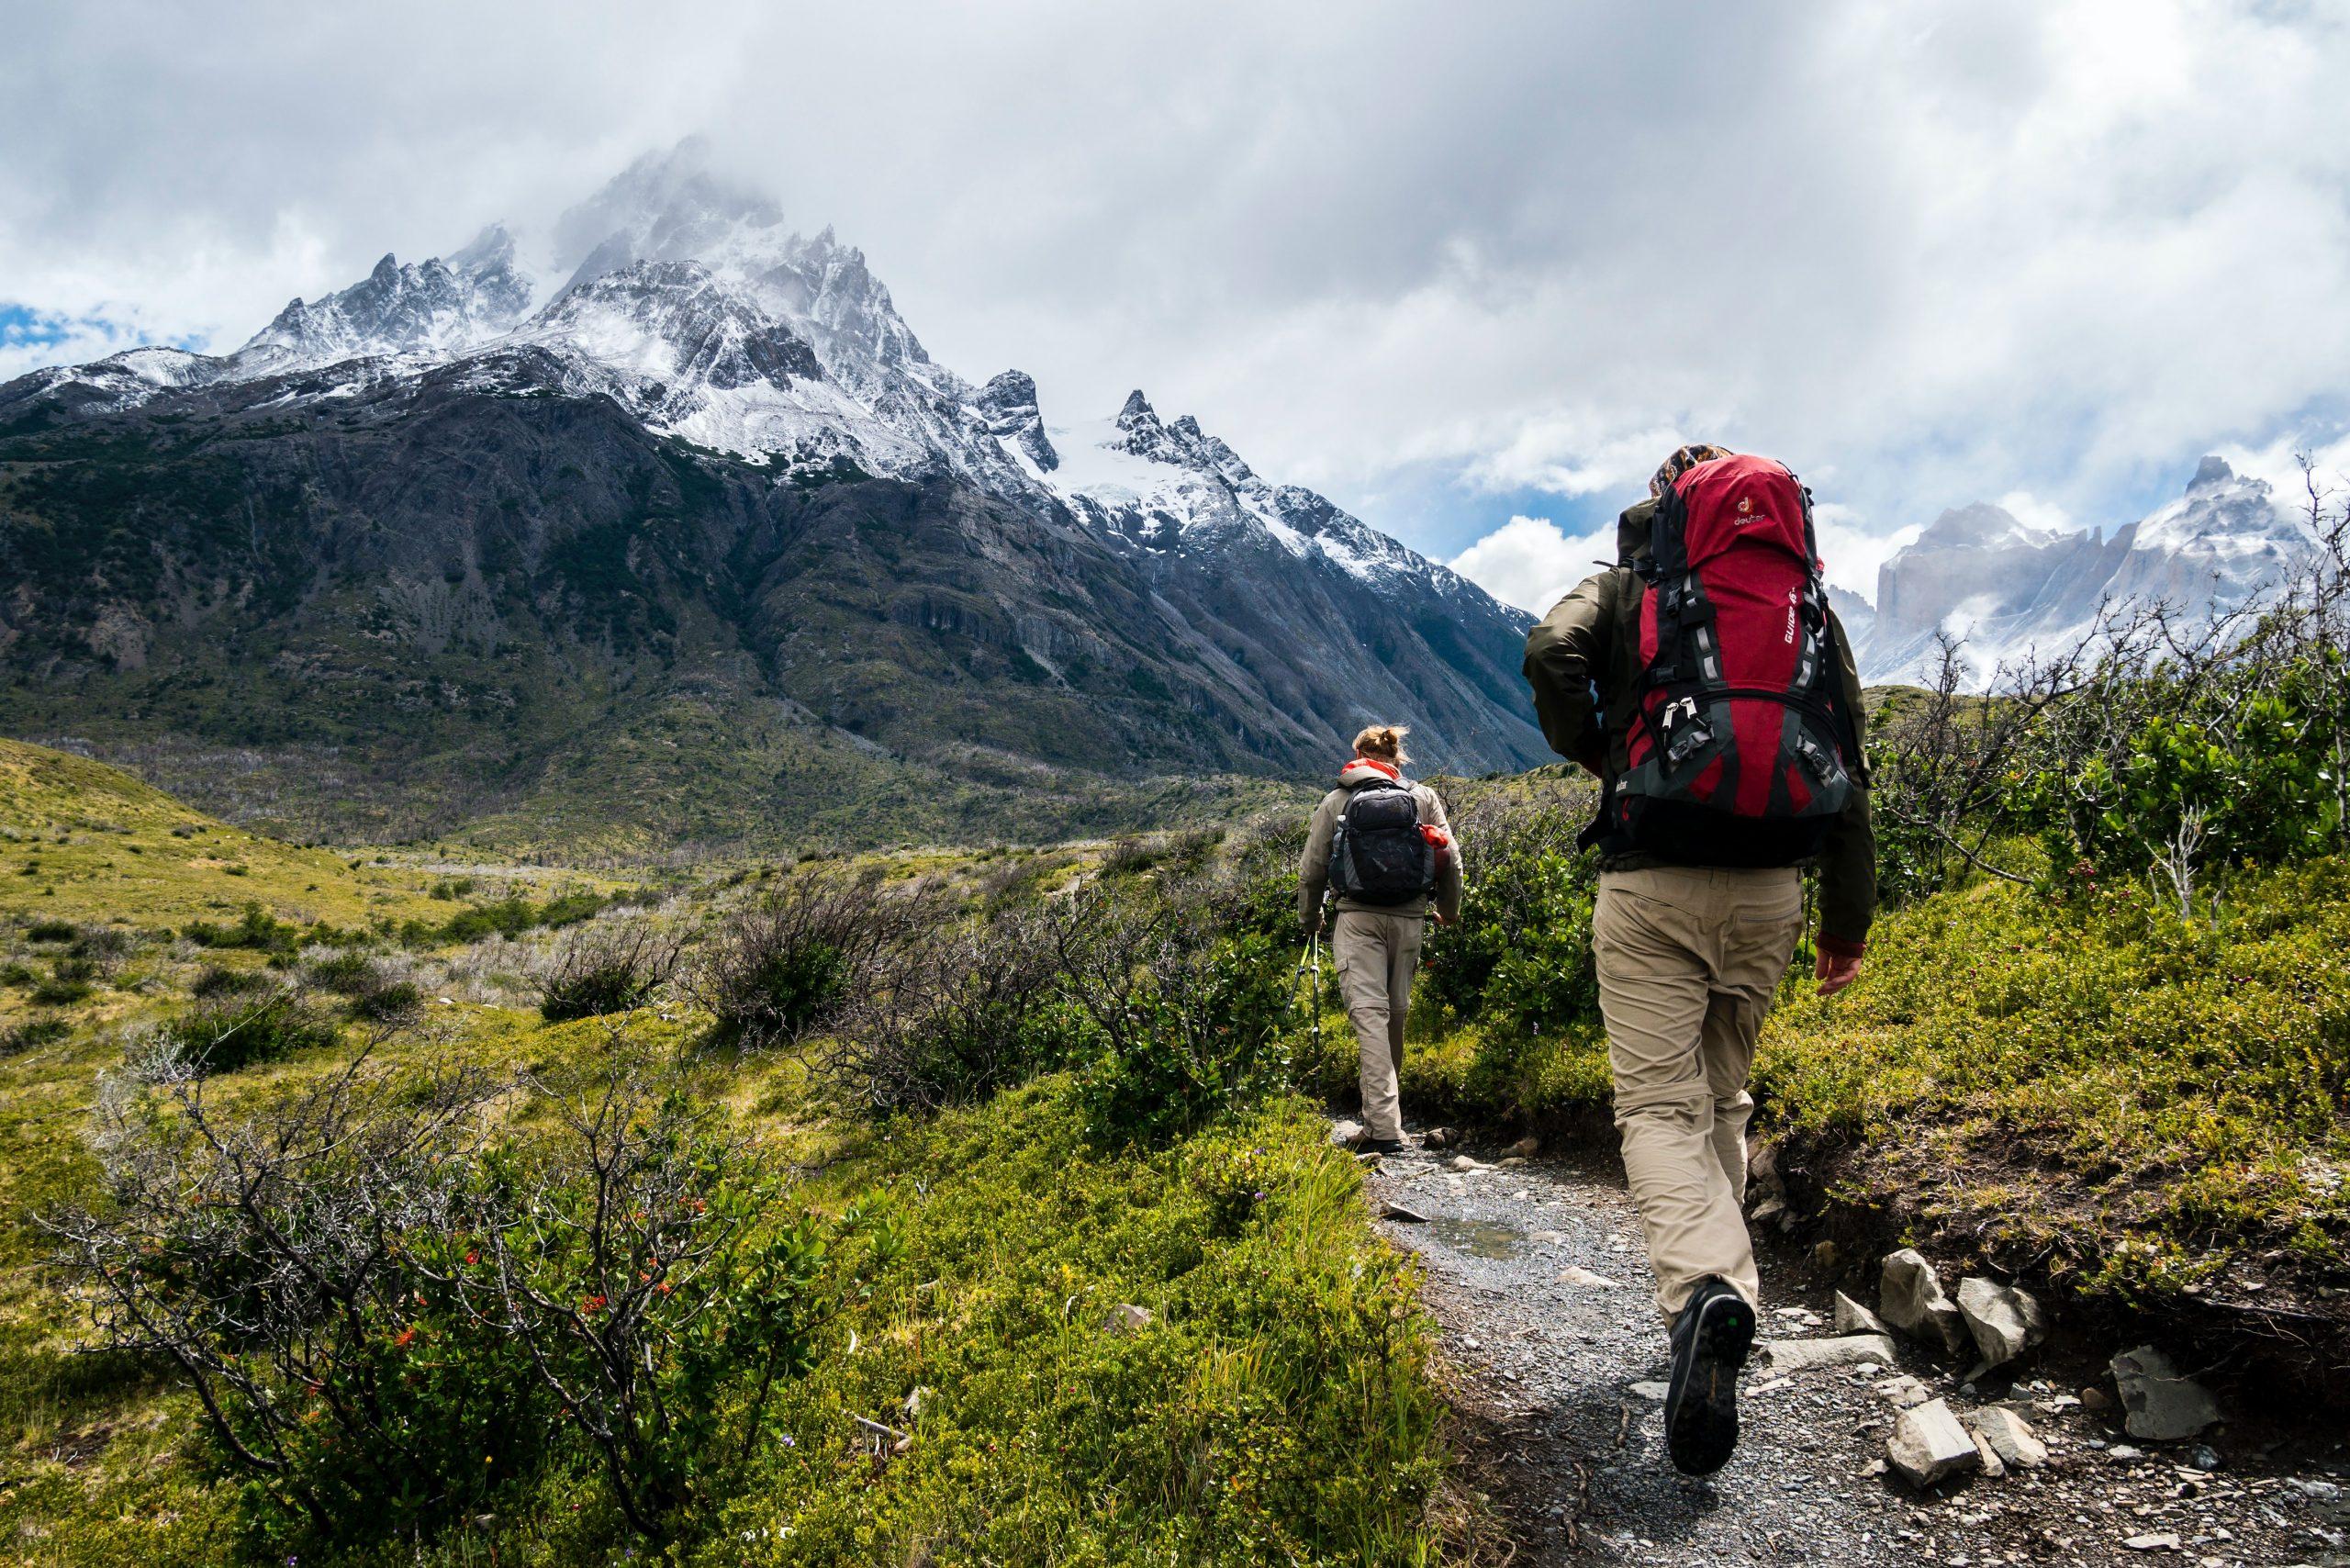 <h2>Randonnées</h2><p>Guide des randonnées à faire prêt de chez vous</p><a href='#' class='btn'>Voir les rando</a>